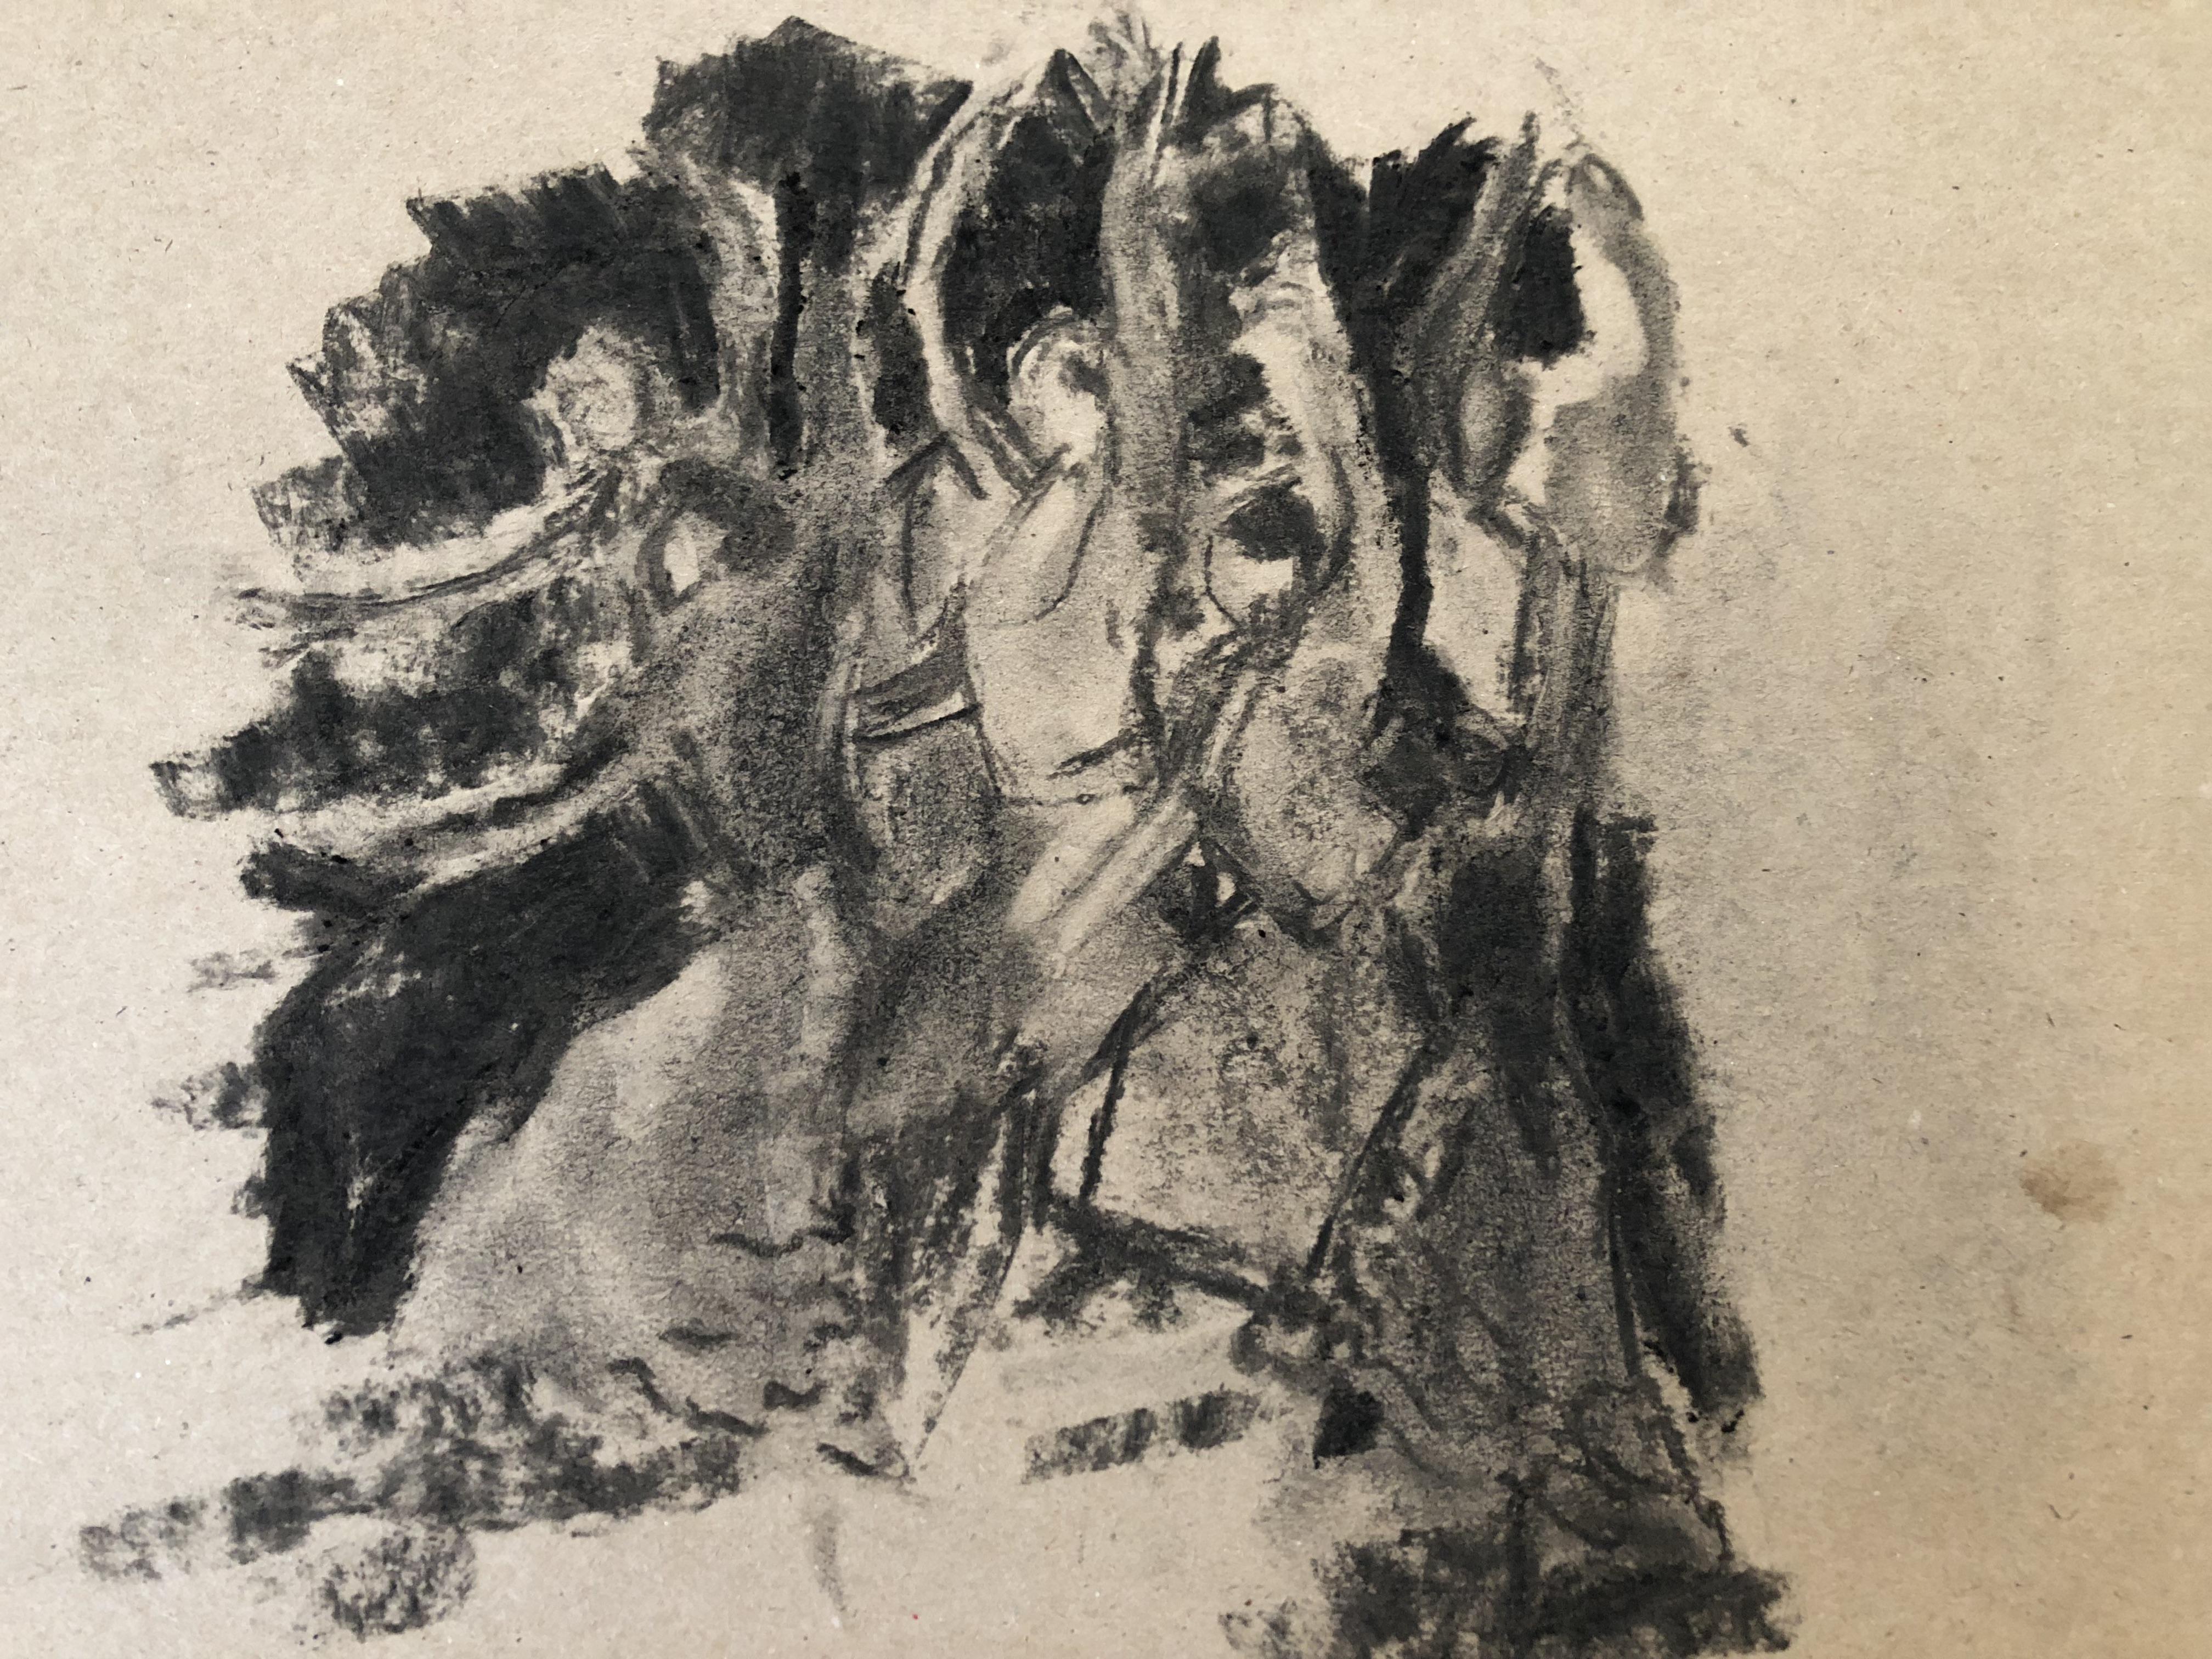 2 flamenco group dancing